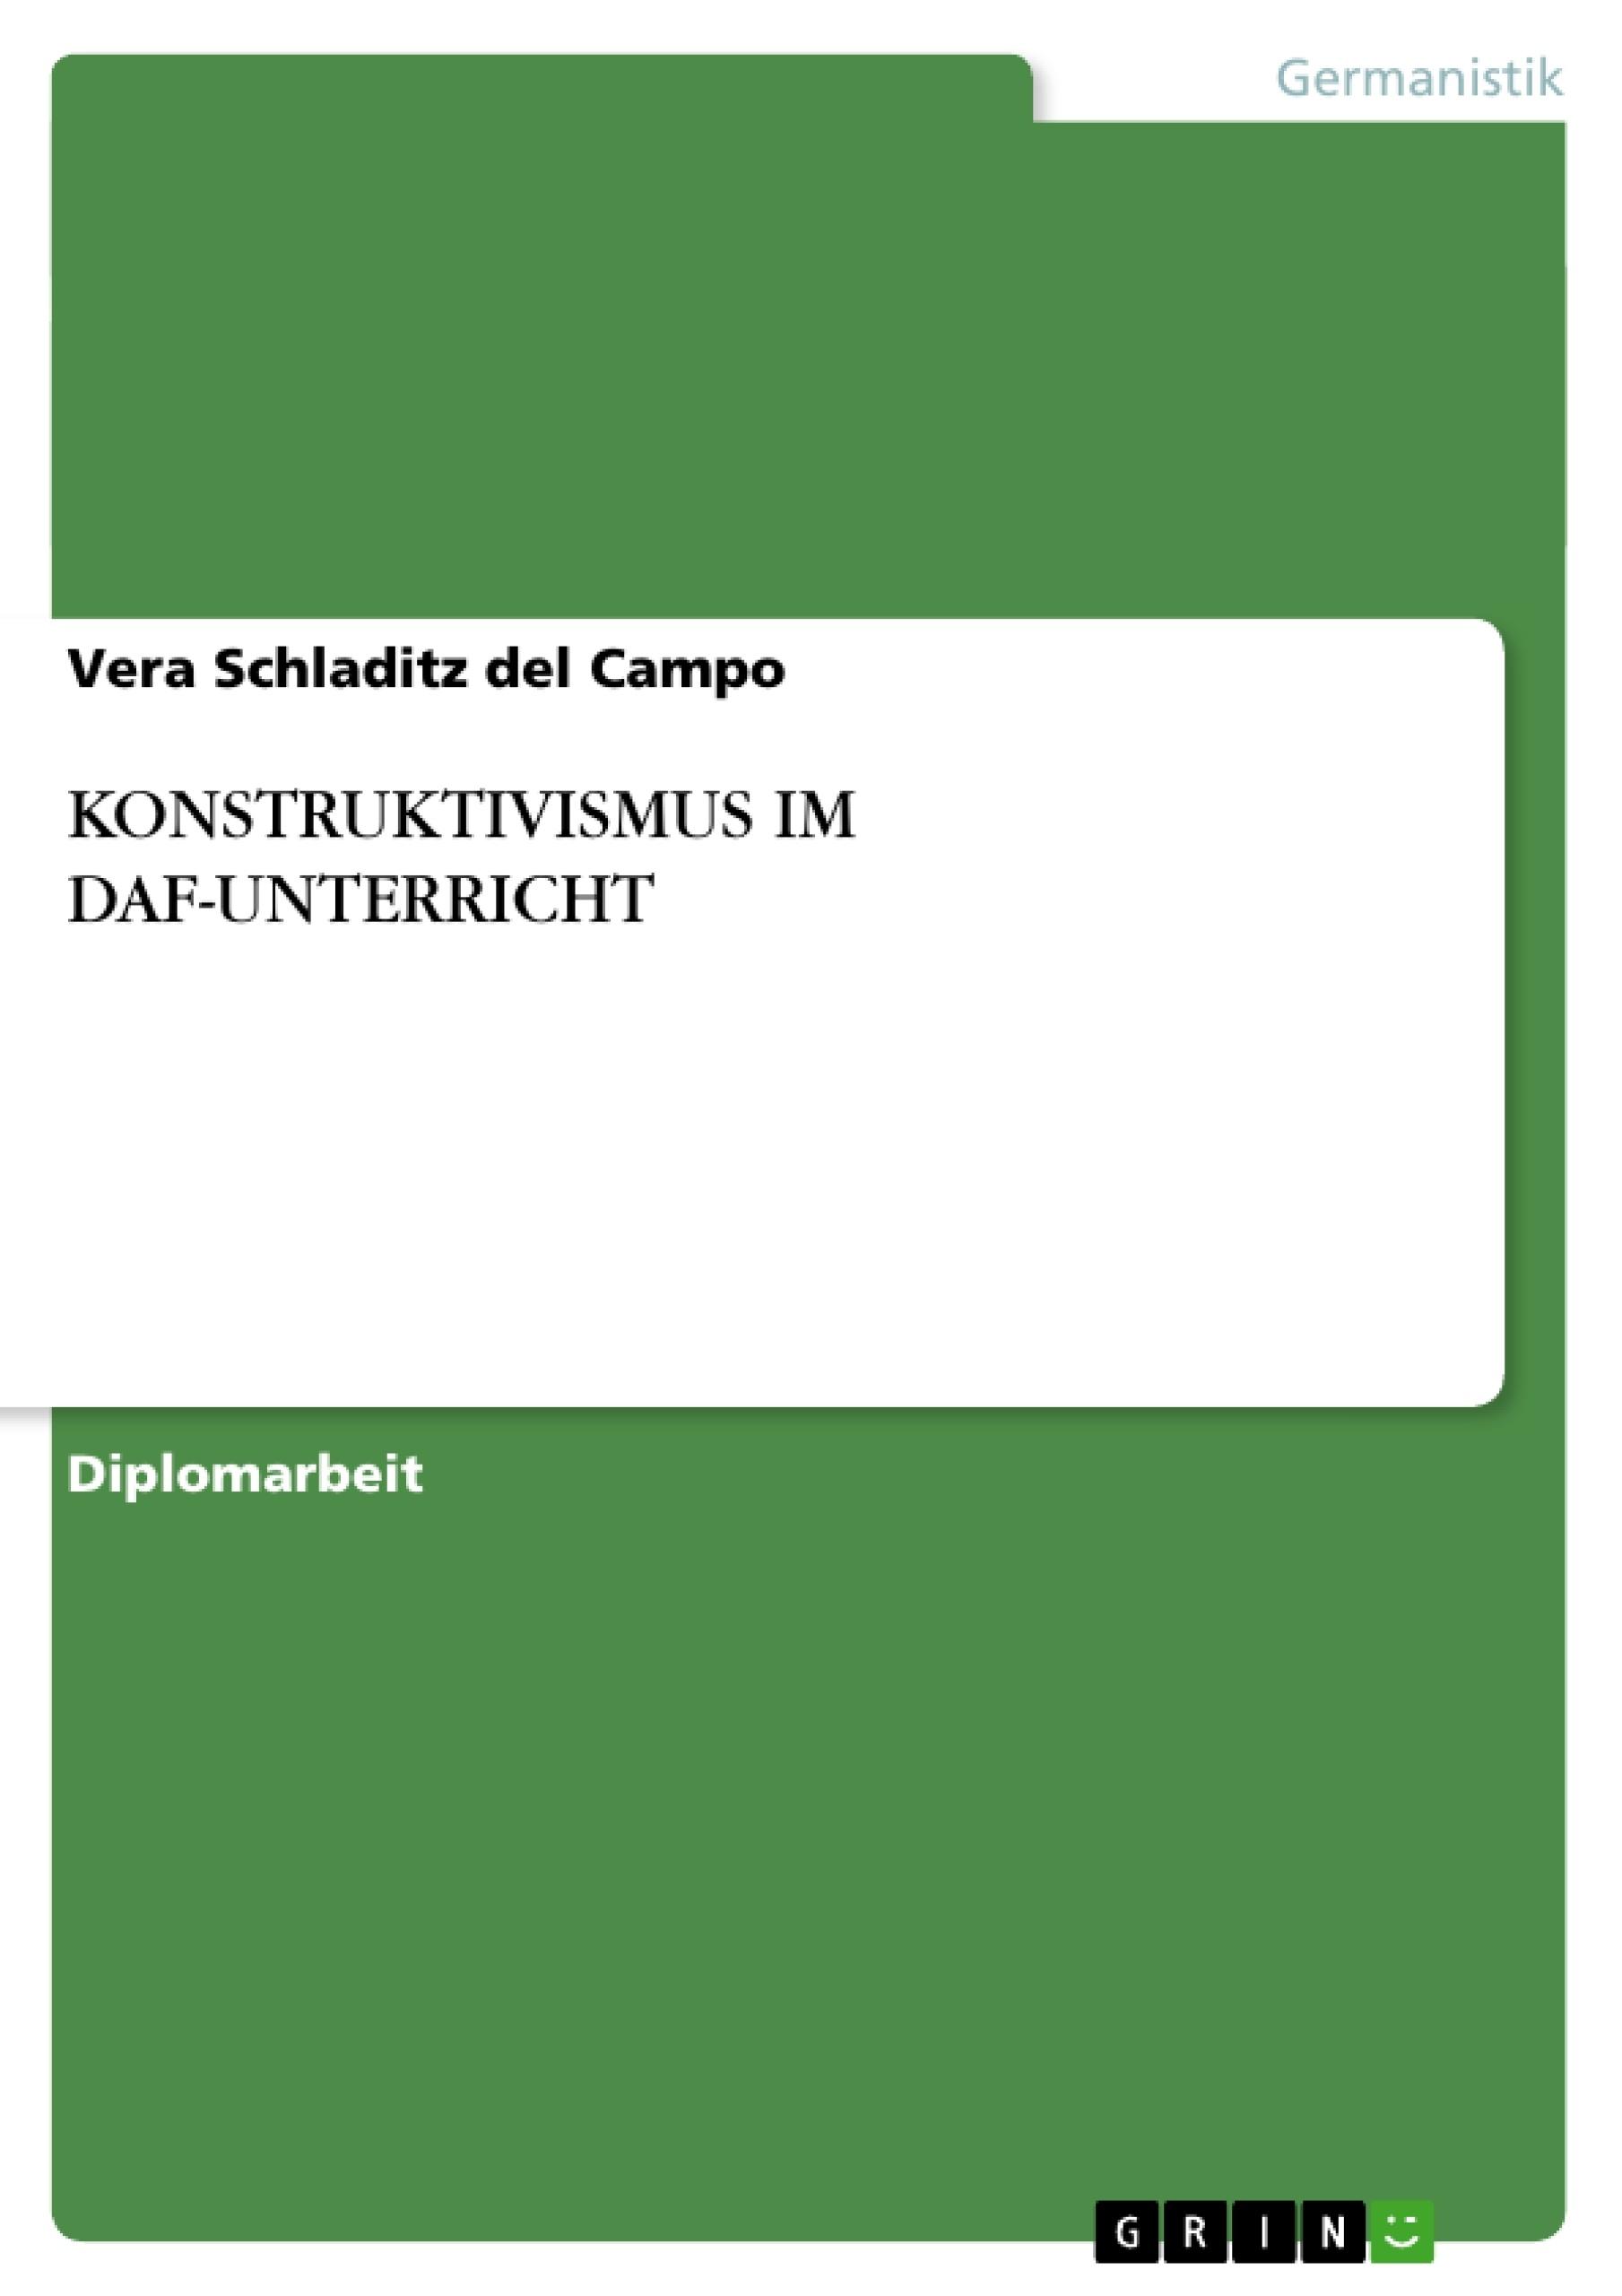 Titel: KONSTRUKTIVISMUS IM DAF-UNTERRICHT